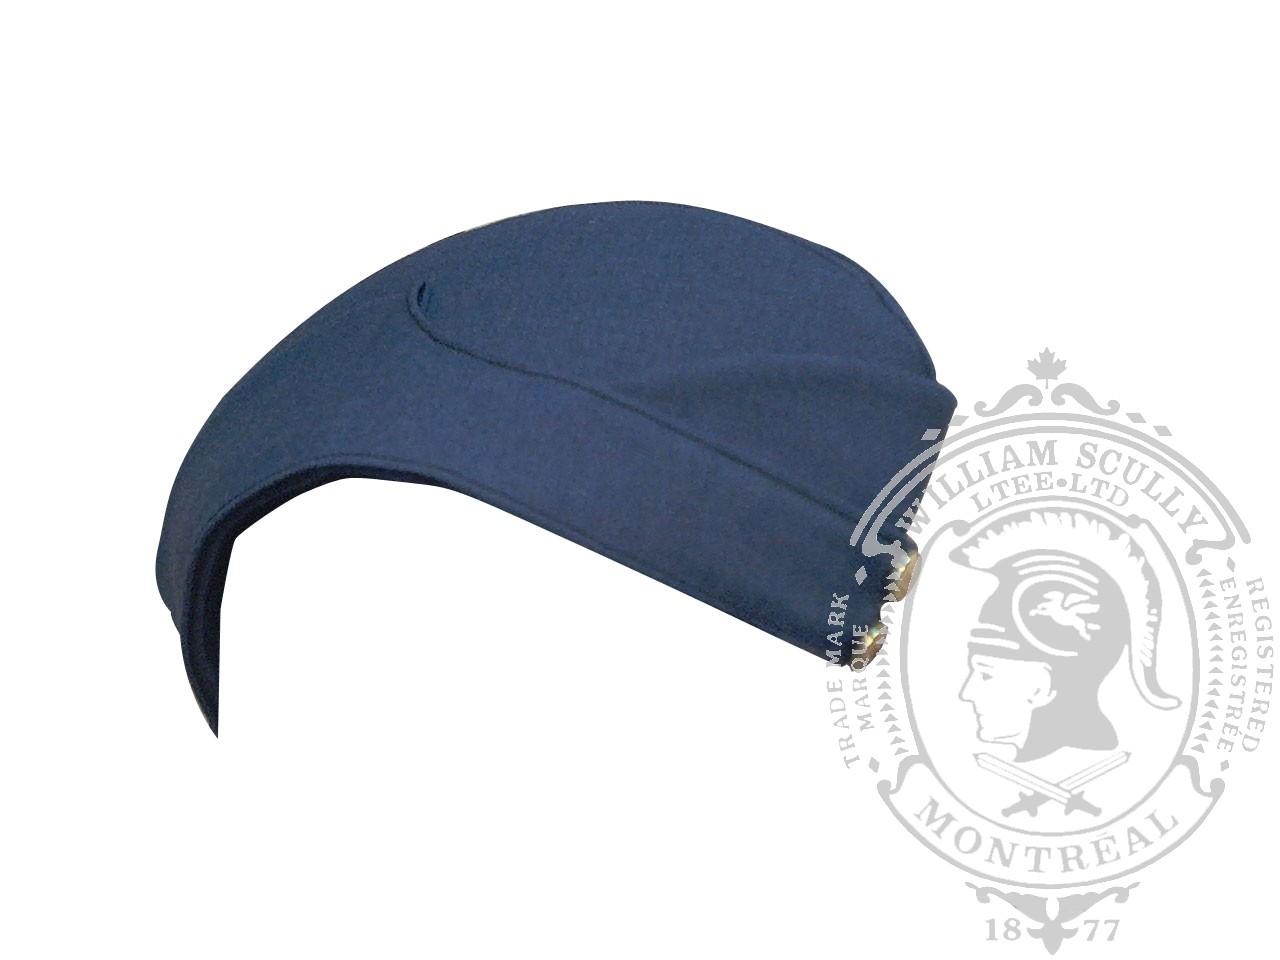 Air Force Wedge Cap